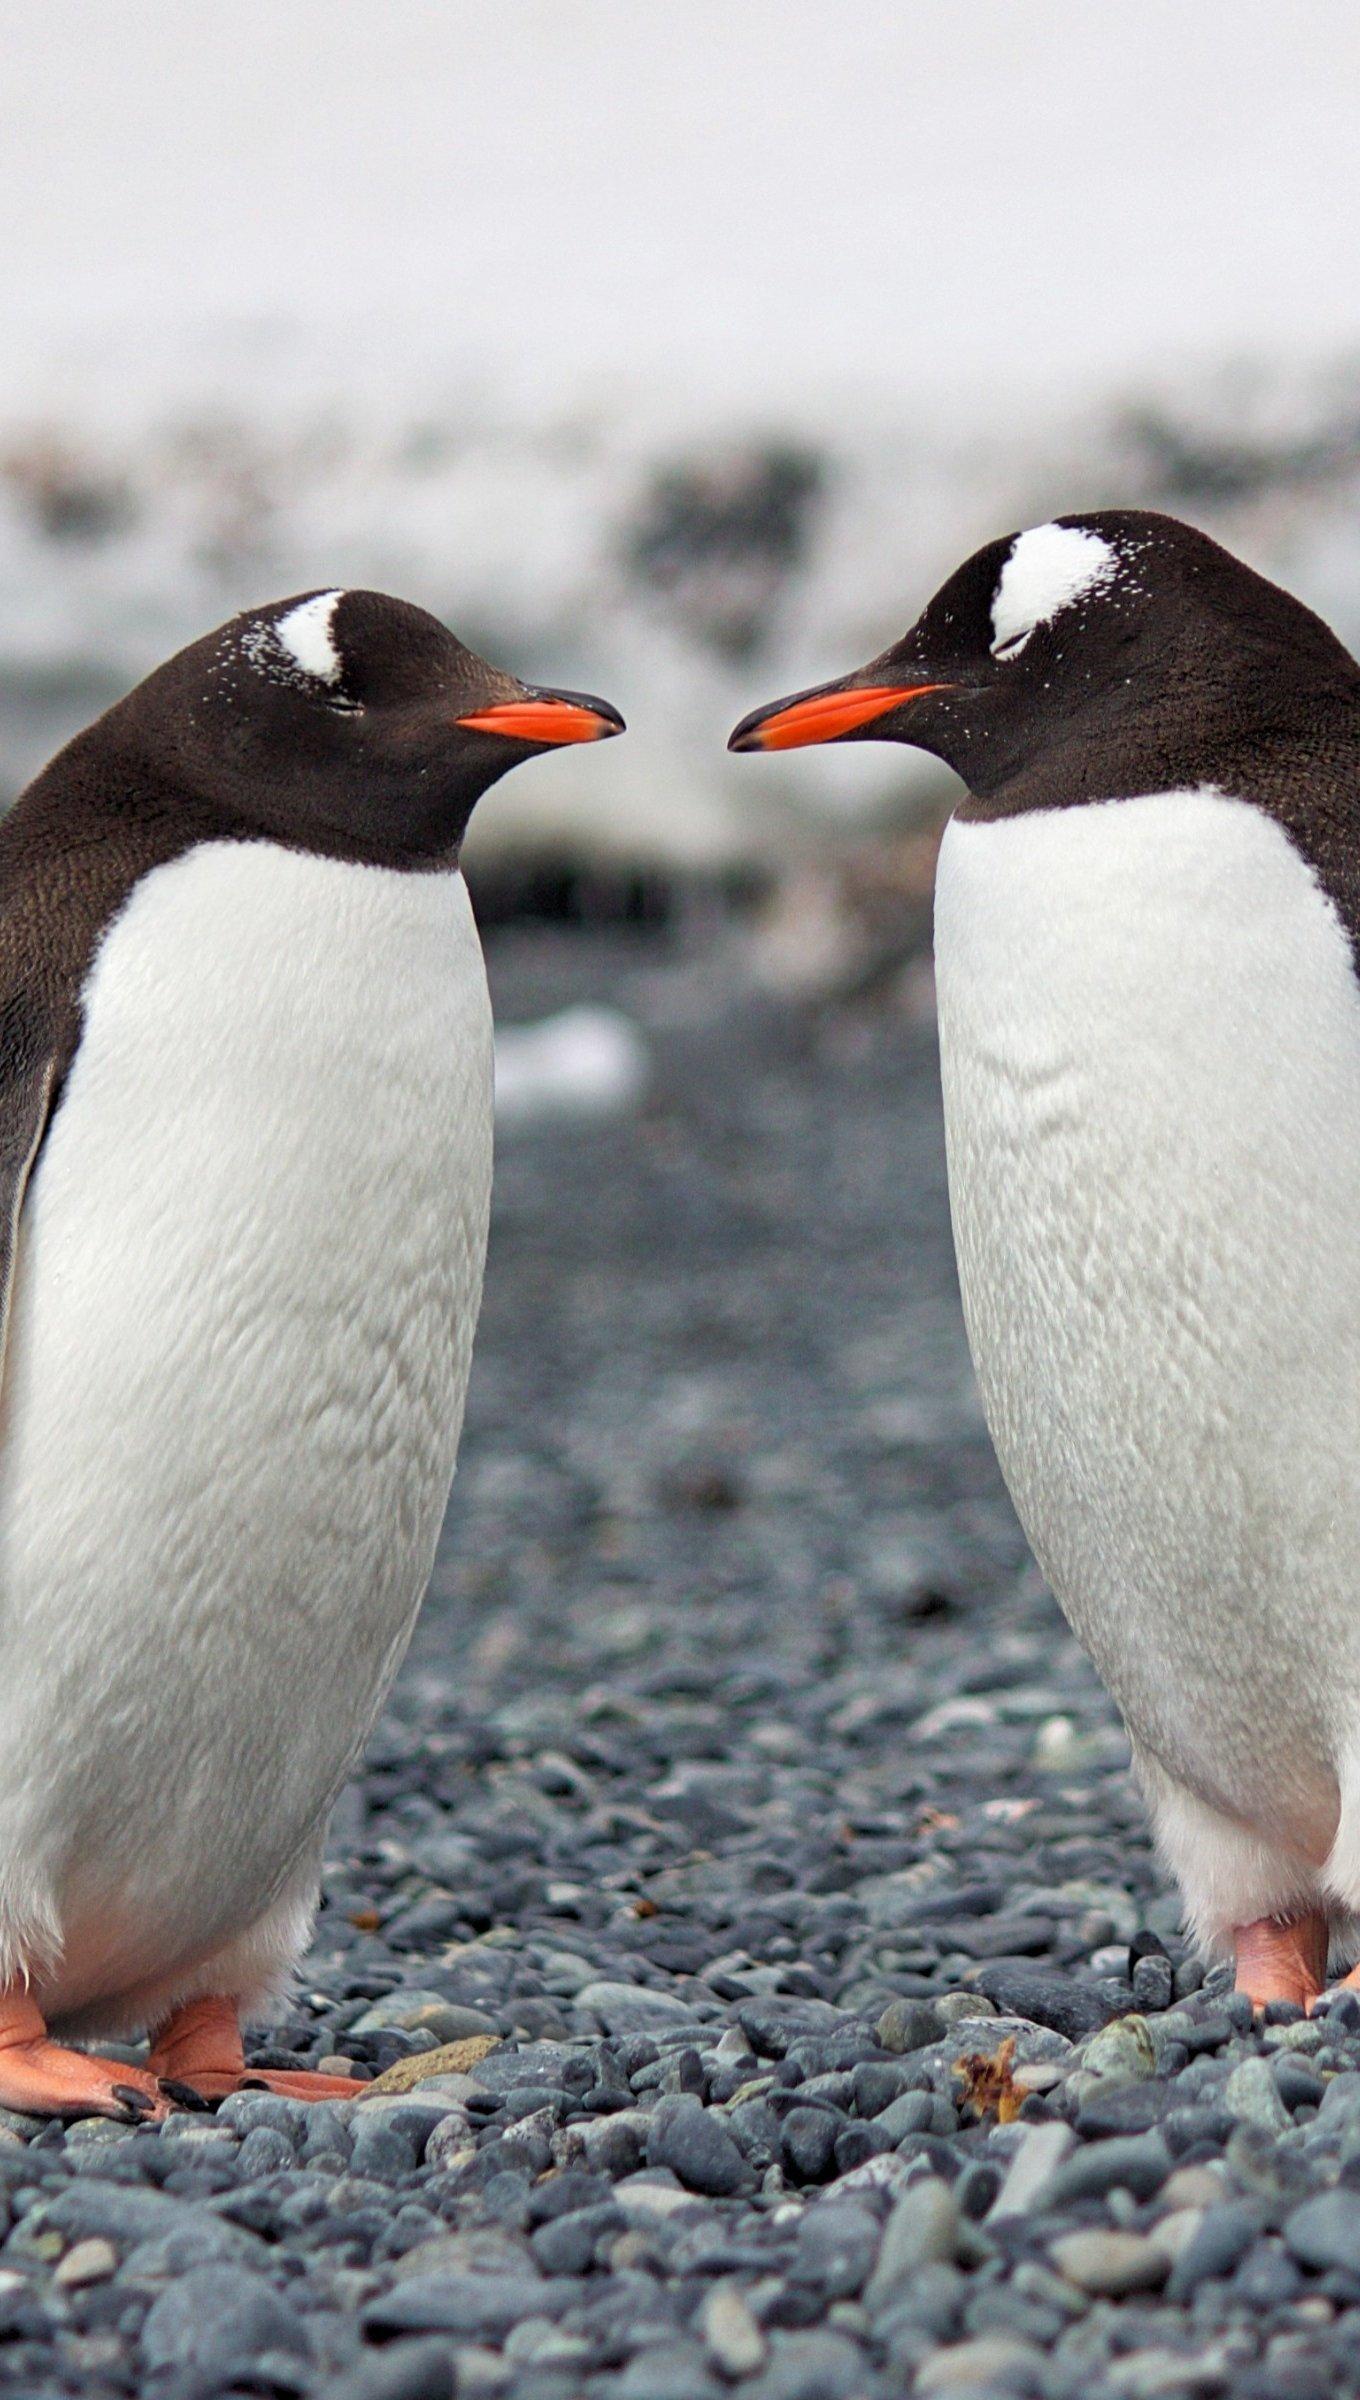 Fondos de pantalla Dos pingüinos Vertical